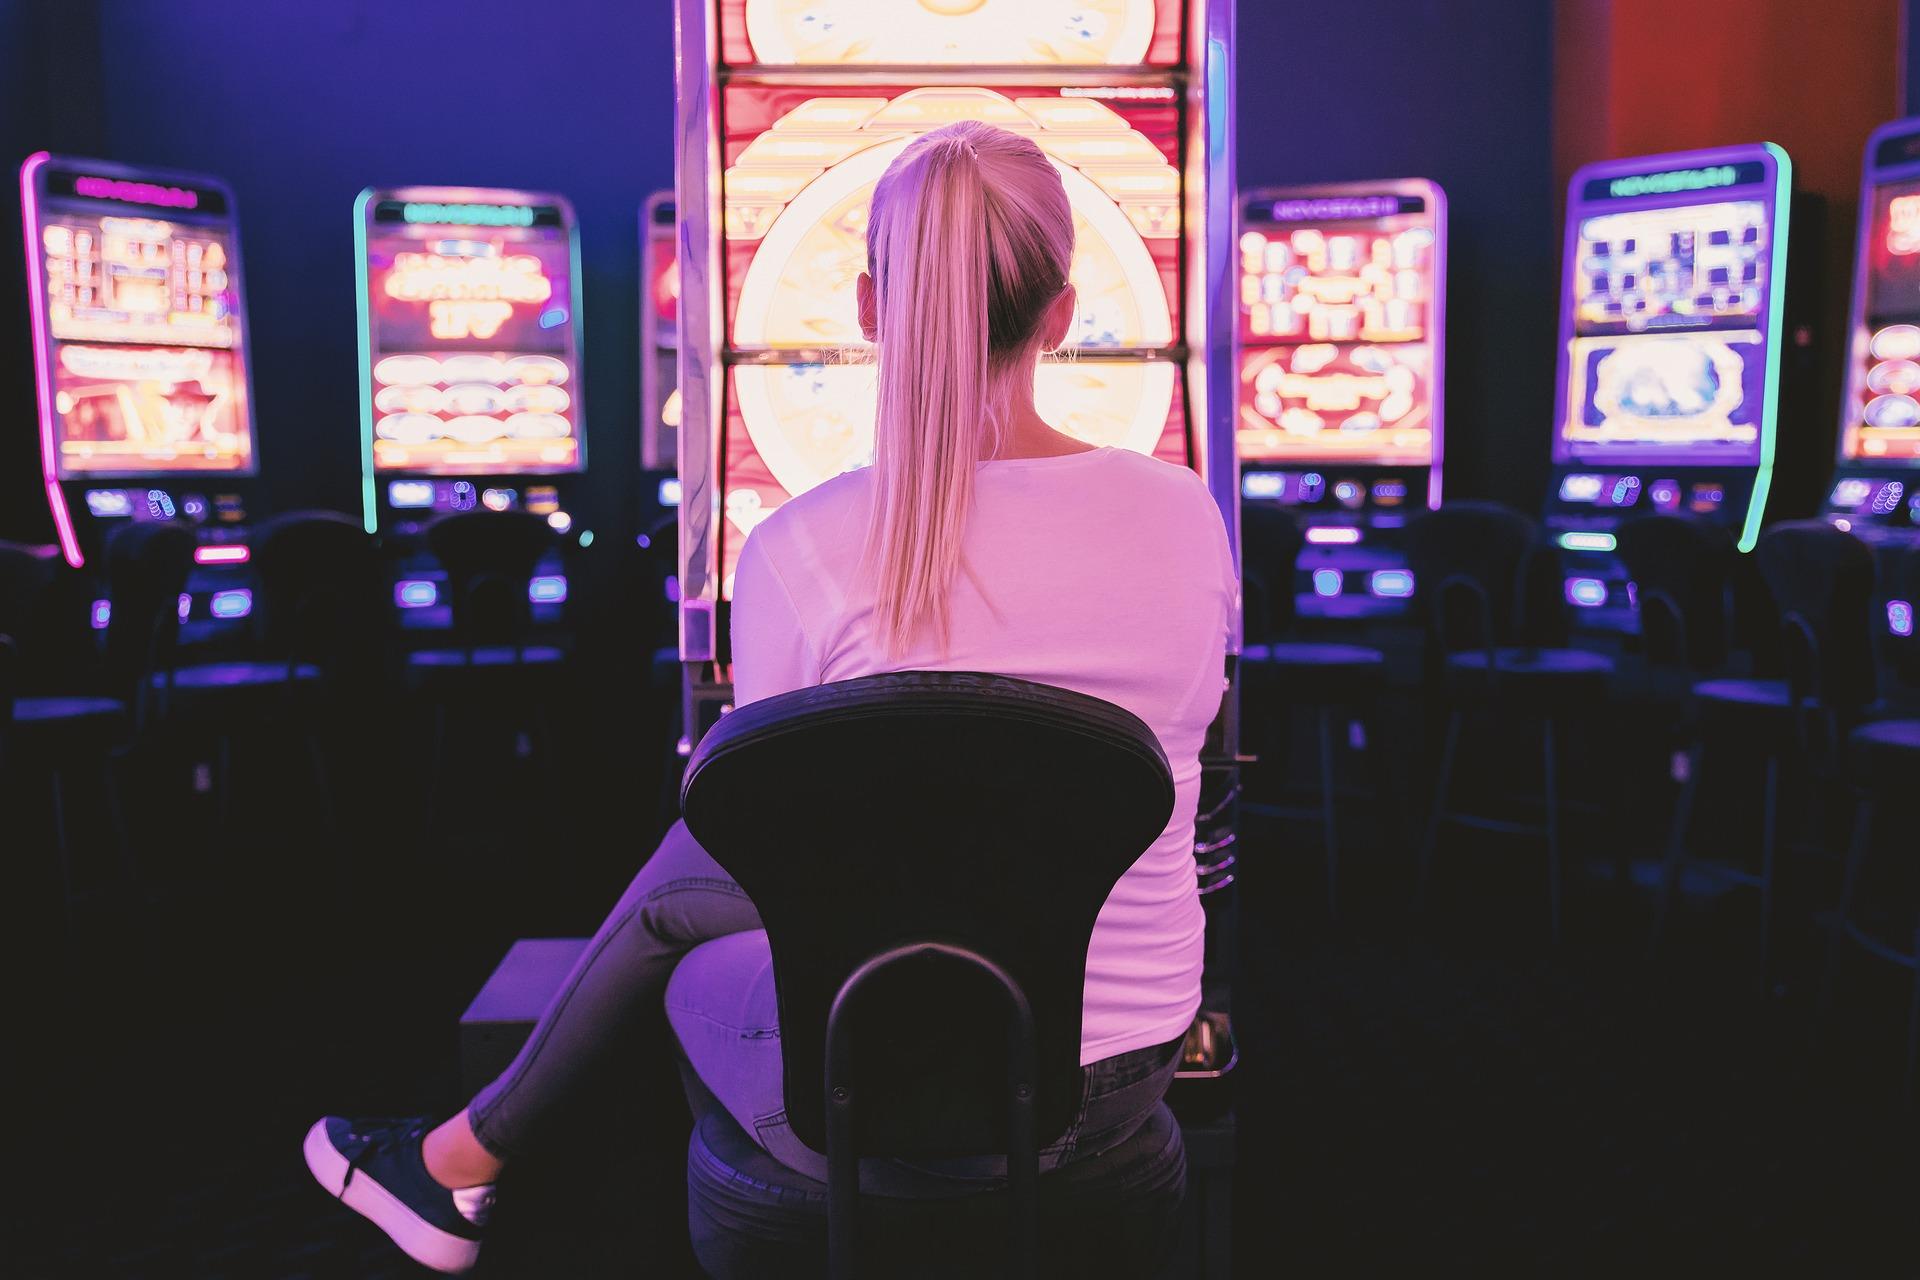 ludopatía en casinos